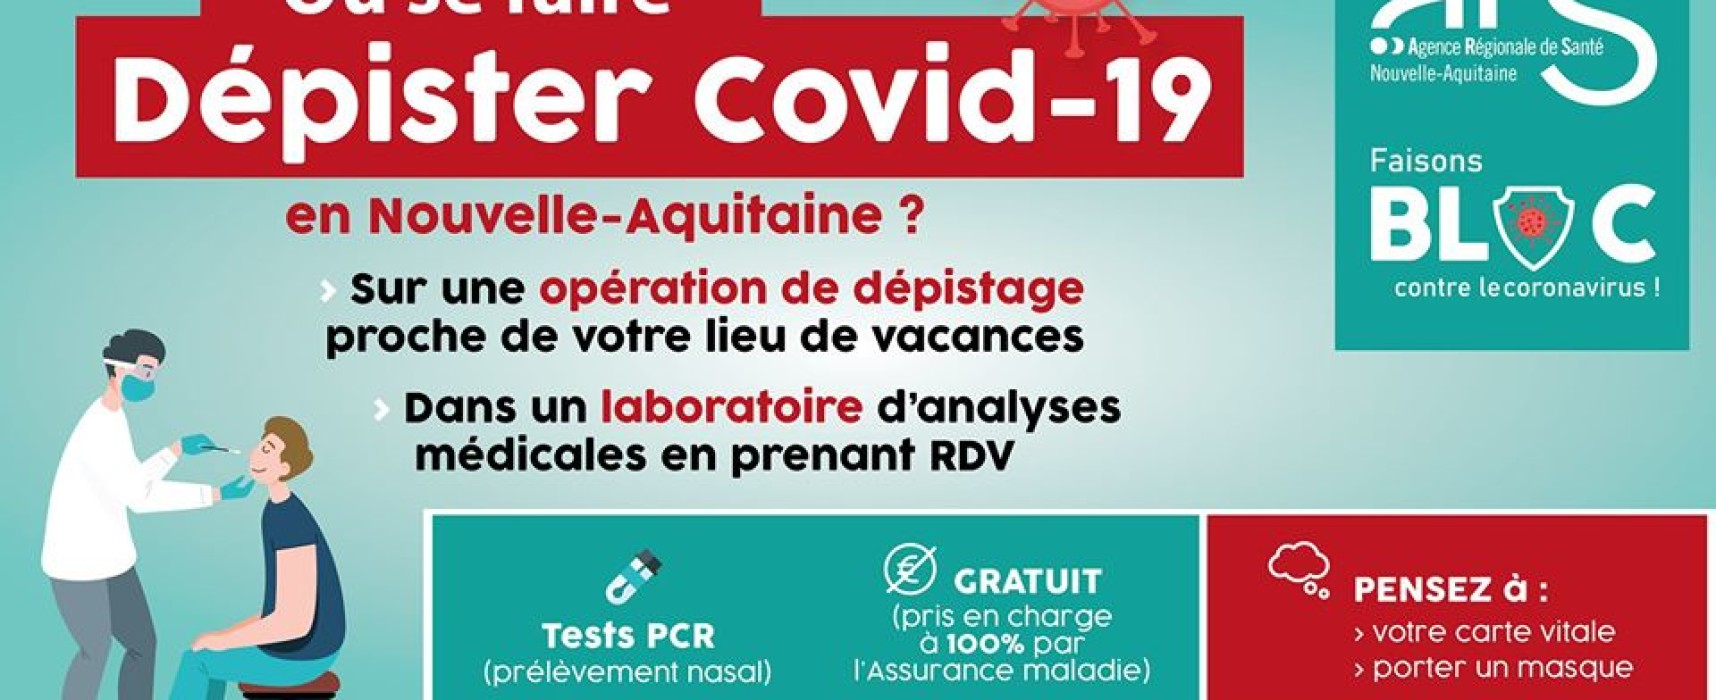 COVID-19 « opérations de dépistage sur les lieux touristiques en Nouvelle-Aquitaine »